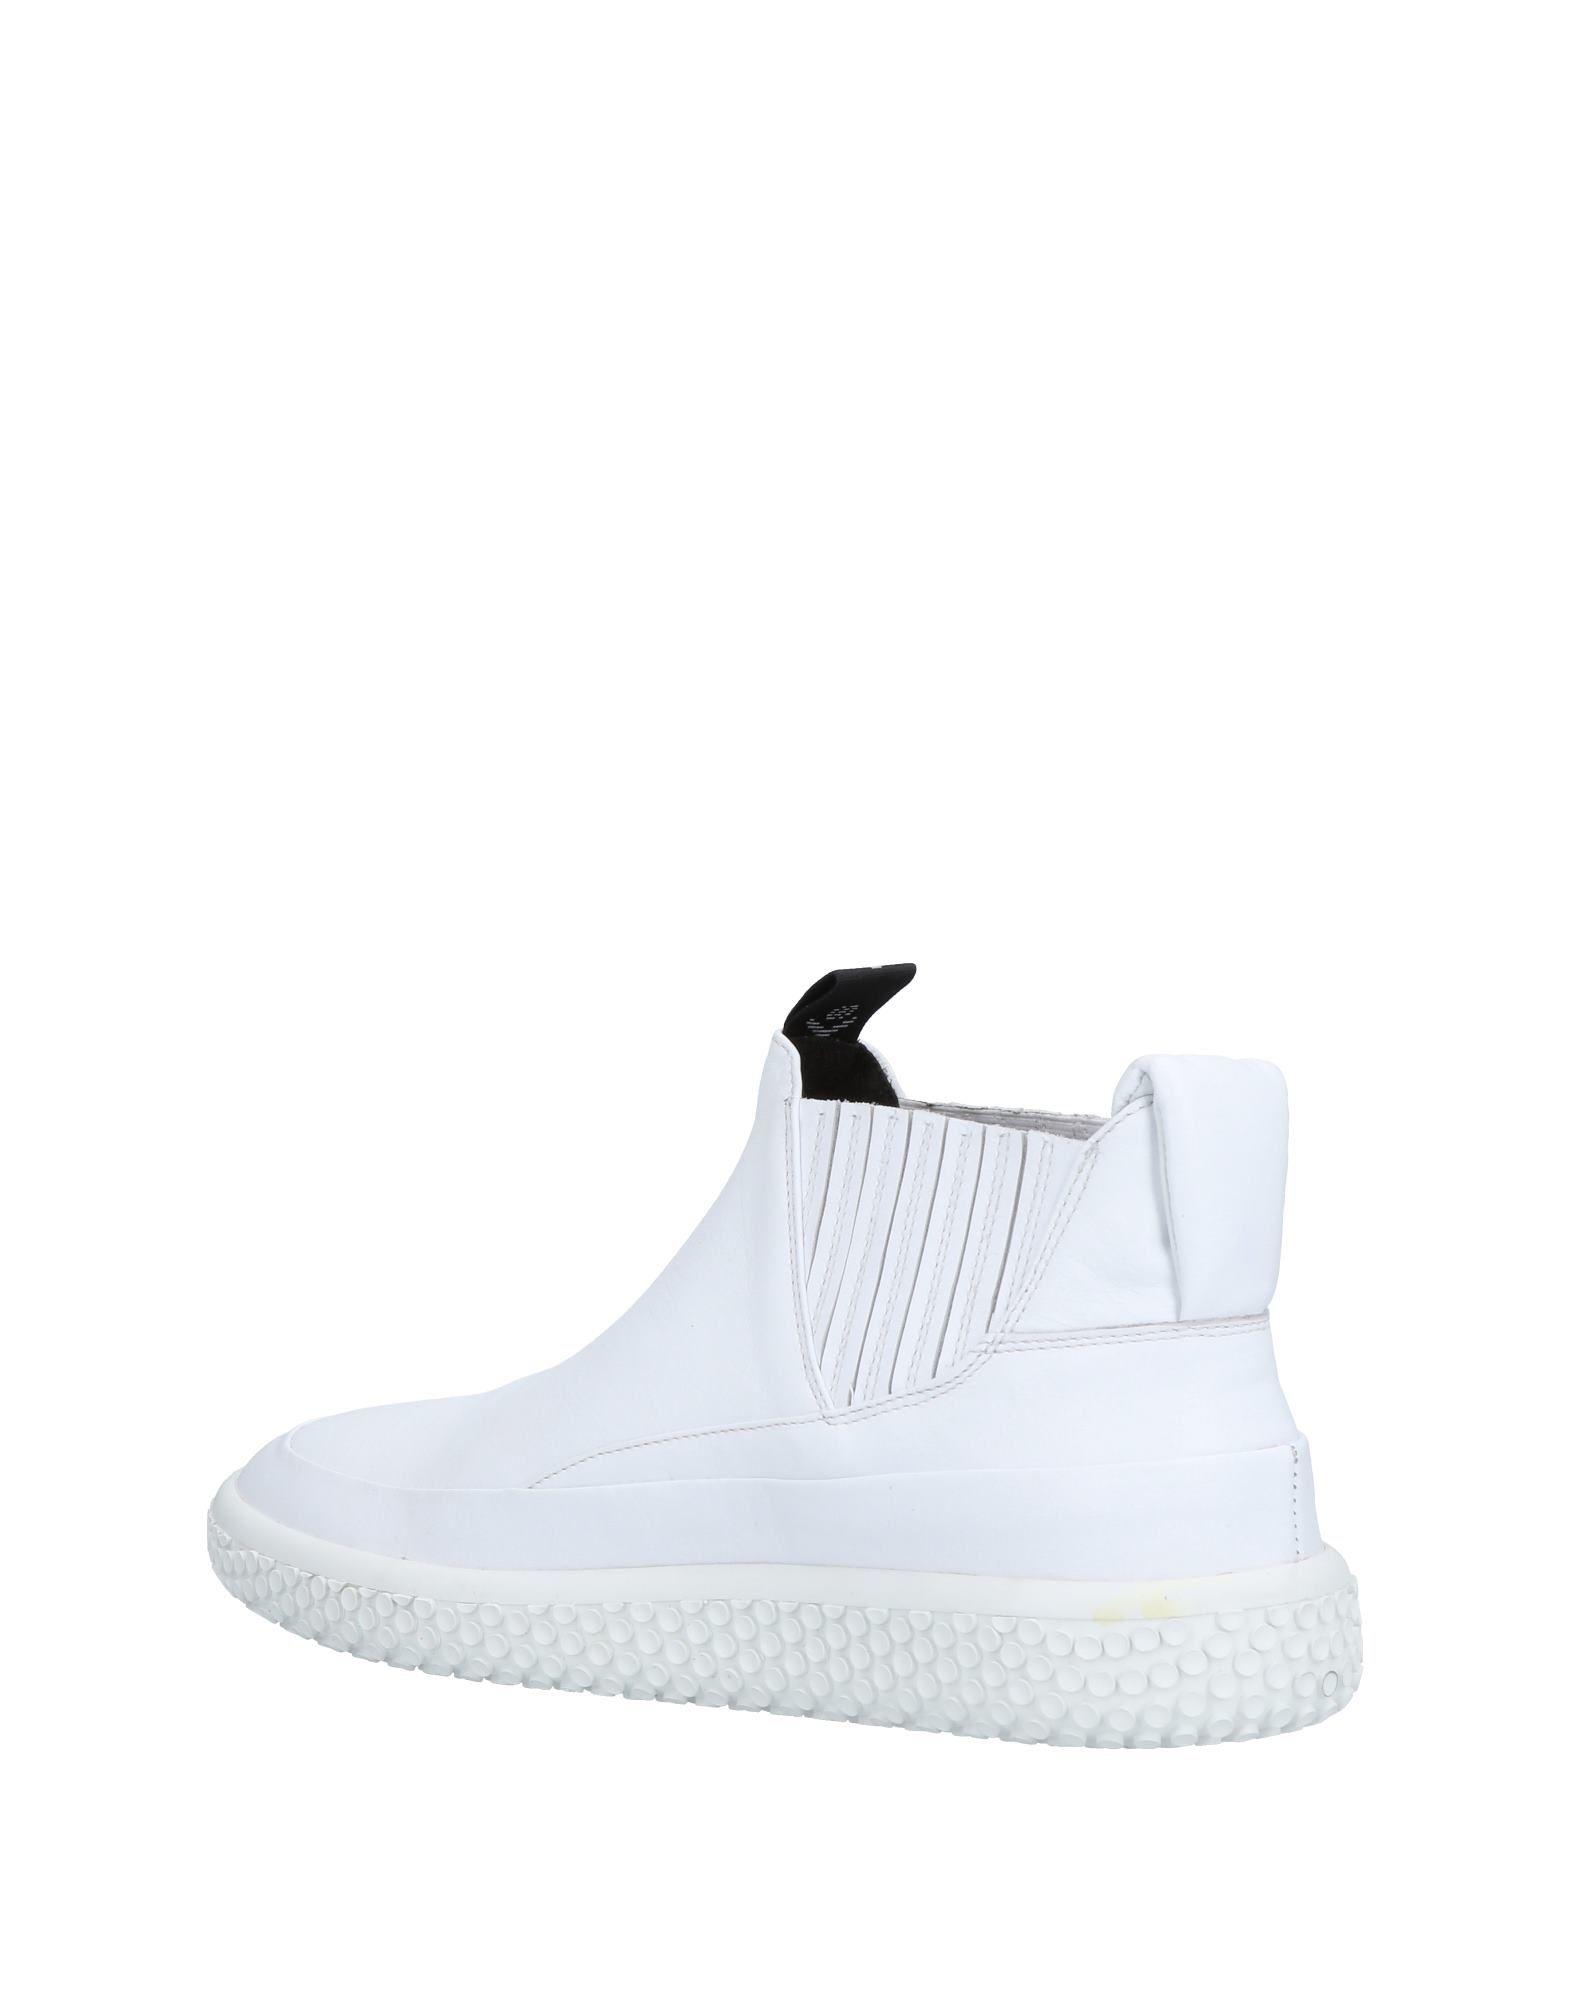 Moda Moda Moda Sneakers O.X.S. Donna - 11472114KH 570eba